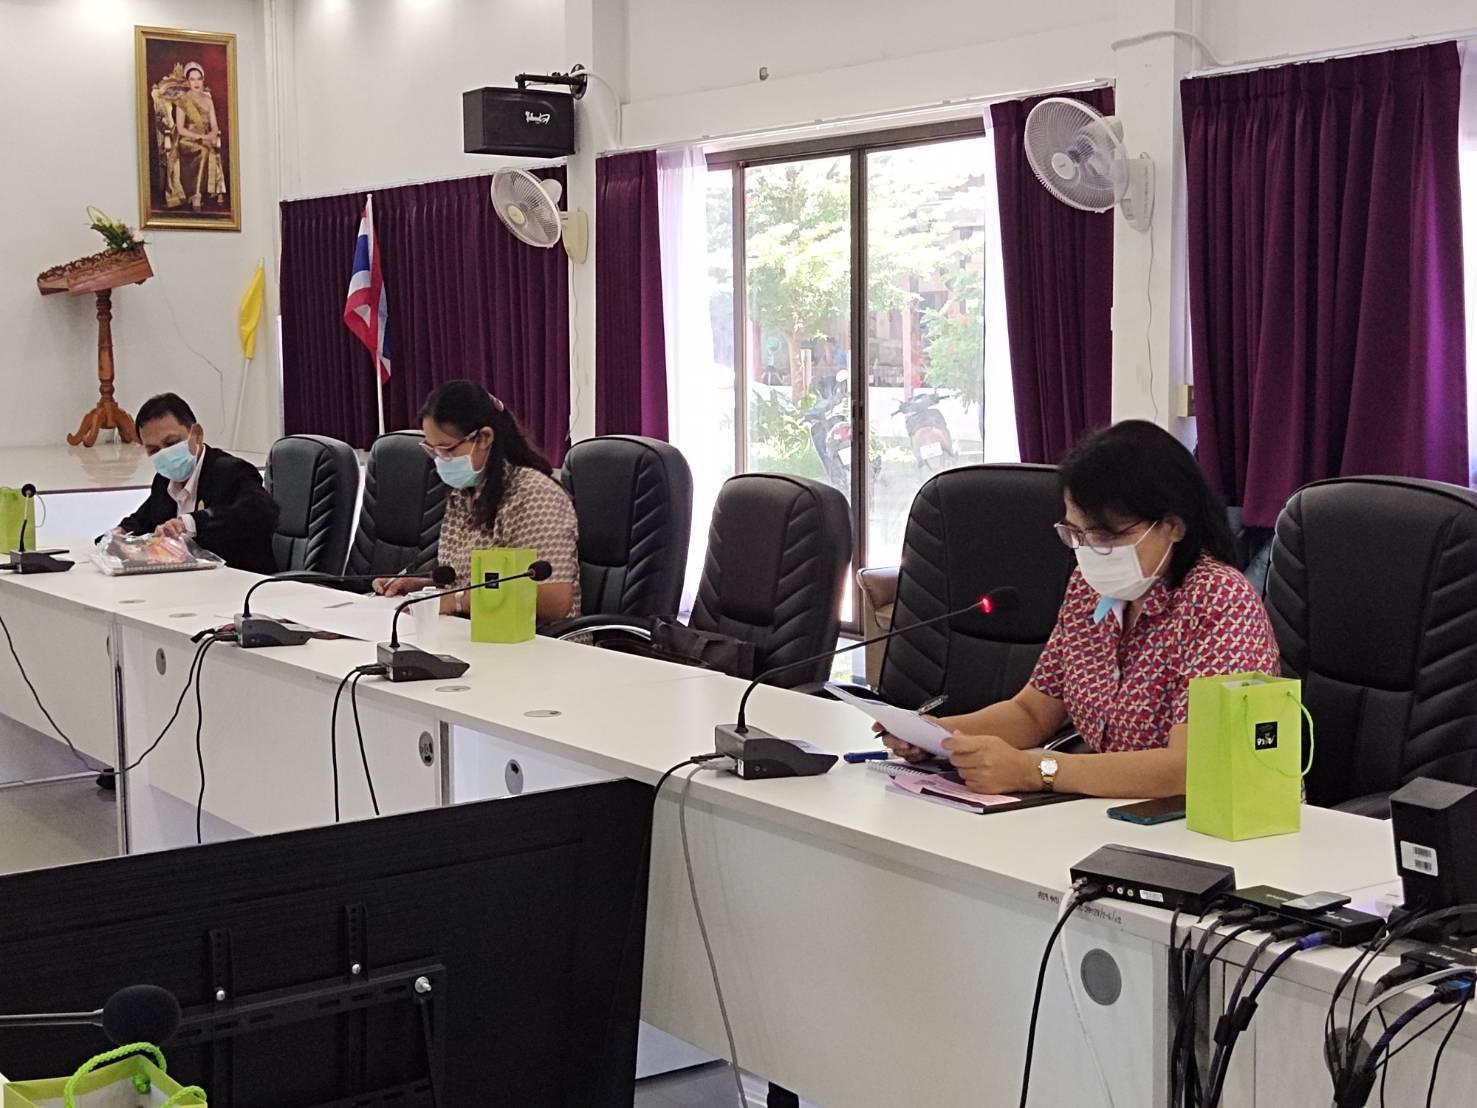 การประชุมวางแผนการนิเทศ ติดตาม การขับเคลื่อนโรงเรียนคุณภาพด้วยแผนการจัดการศึกษาของสถานศึกษาสู่การปฏิบัติจริง โรงเรียนในโครงการกองทุนการศึกษา จังหวัดเพชรบุรี